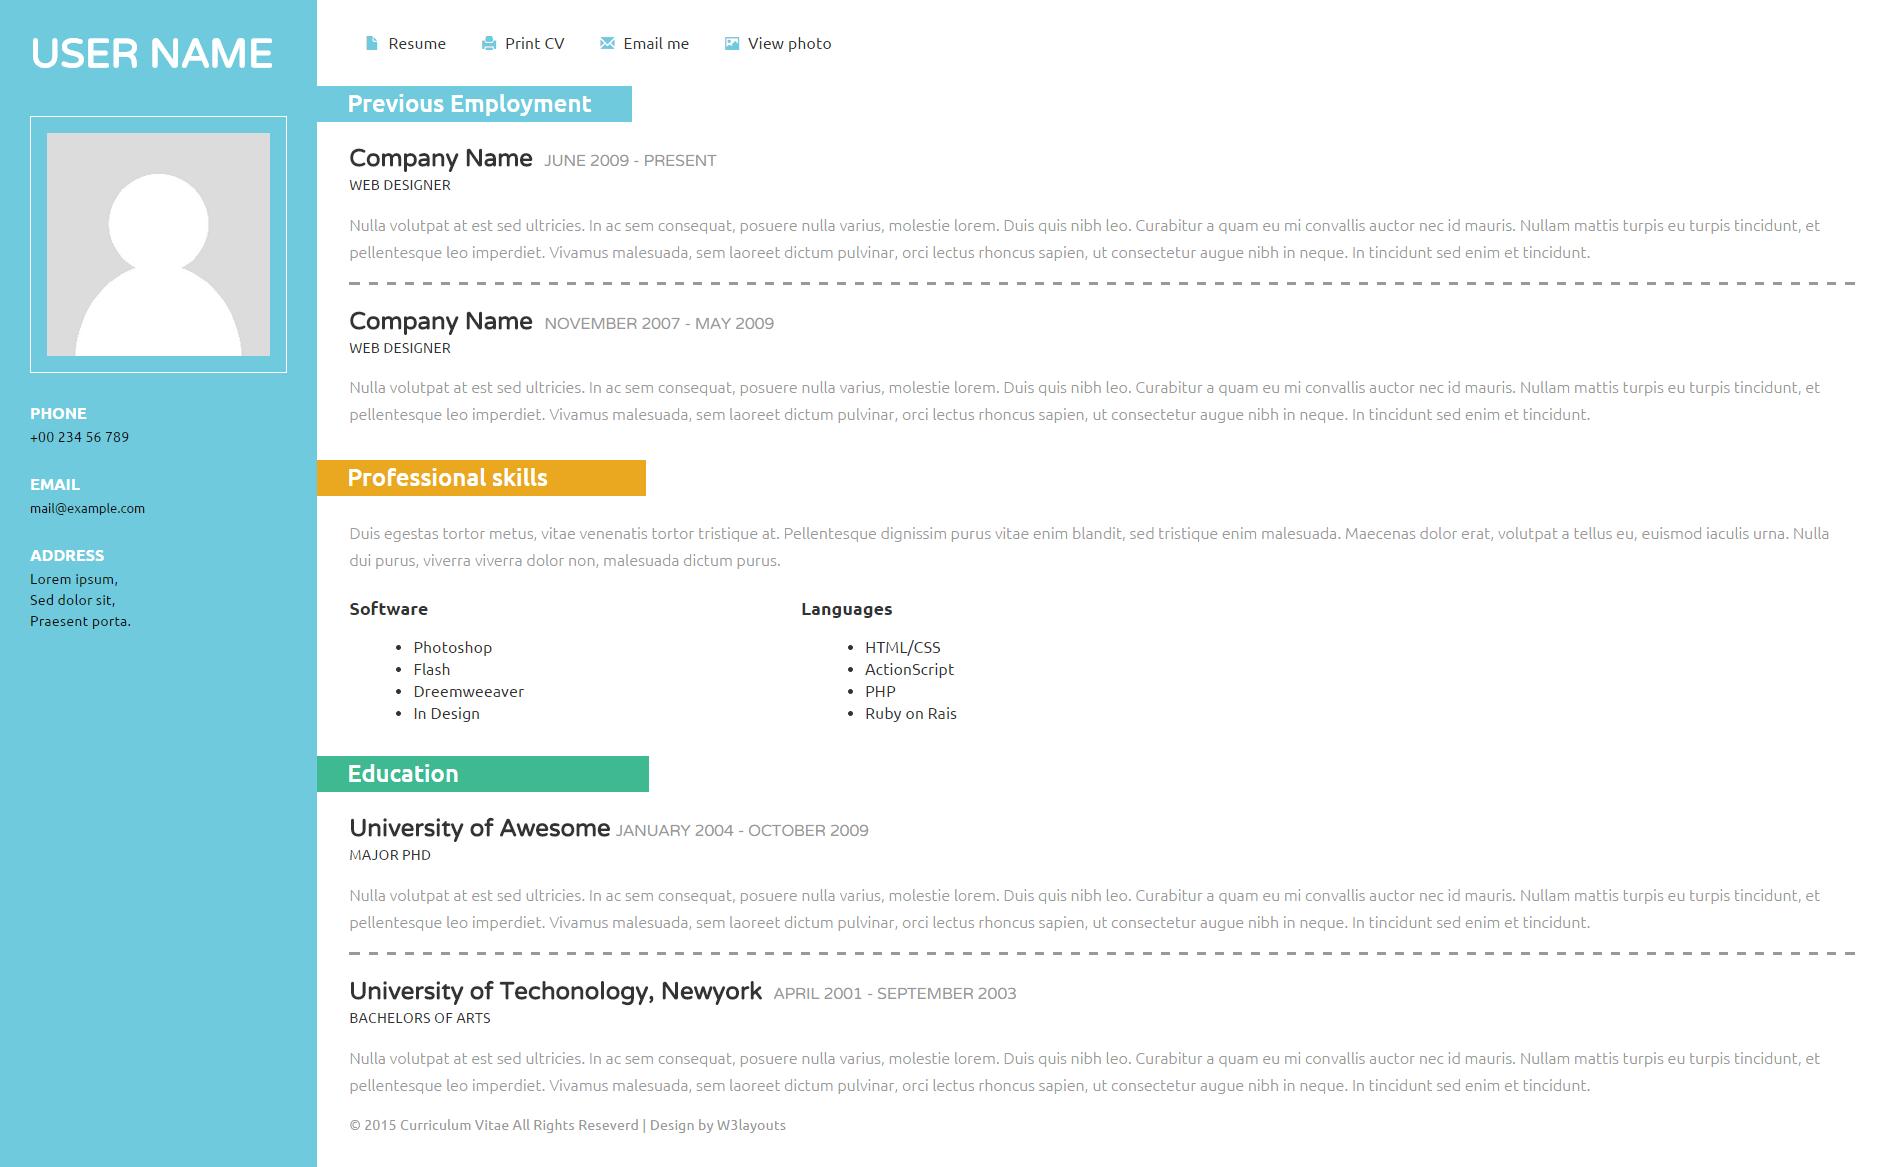 左右二分列个人简历响应式网页简洁模板